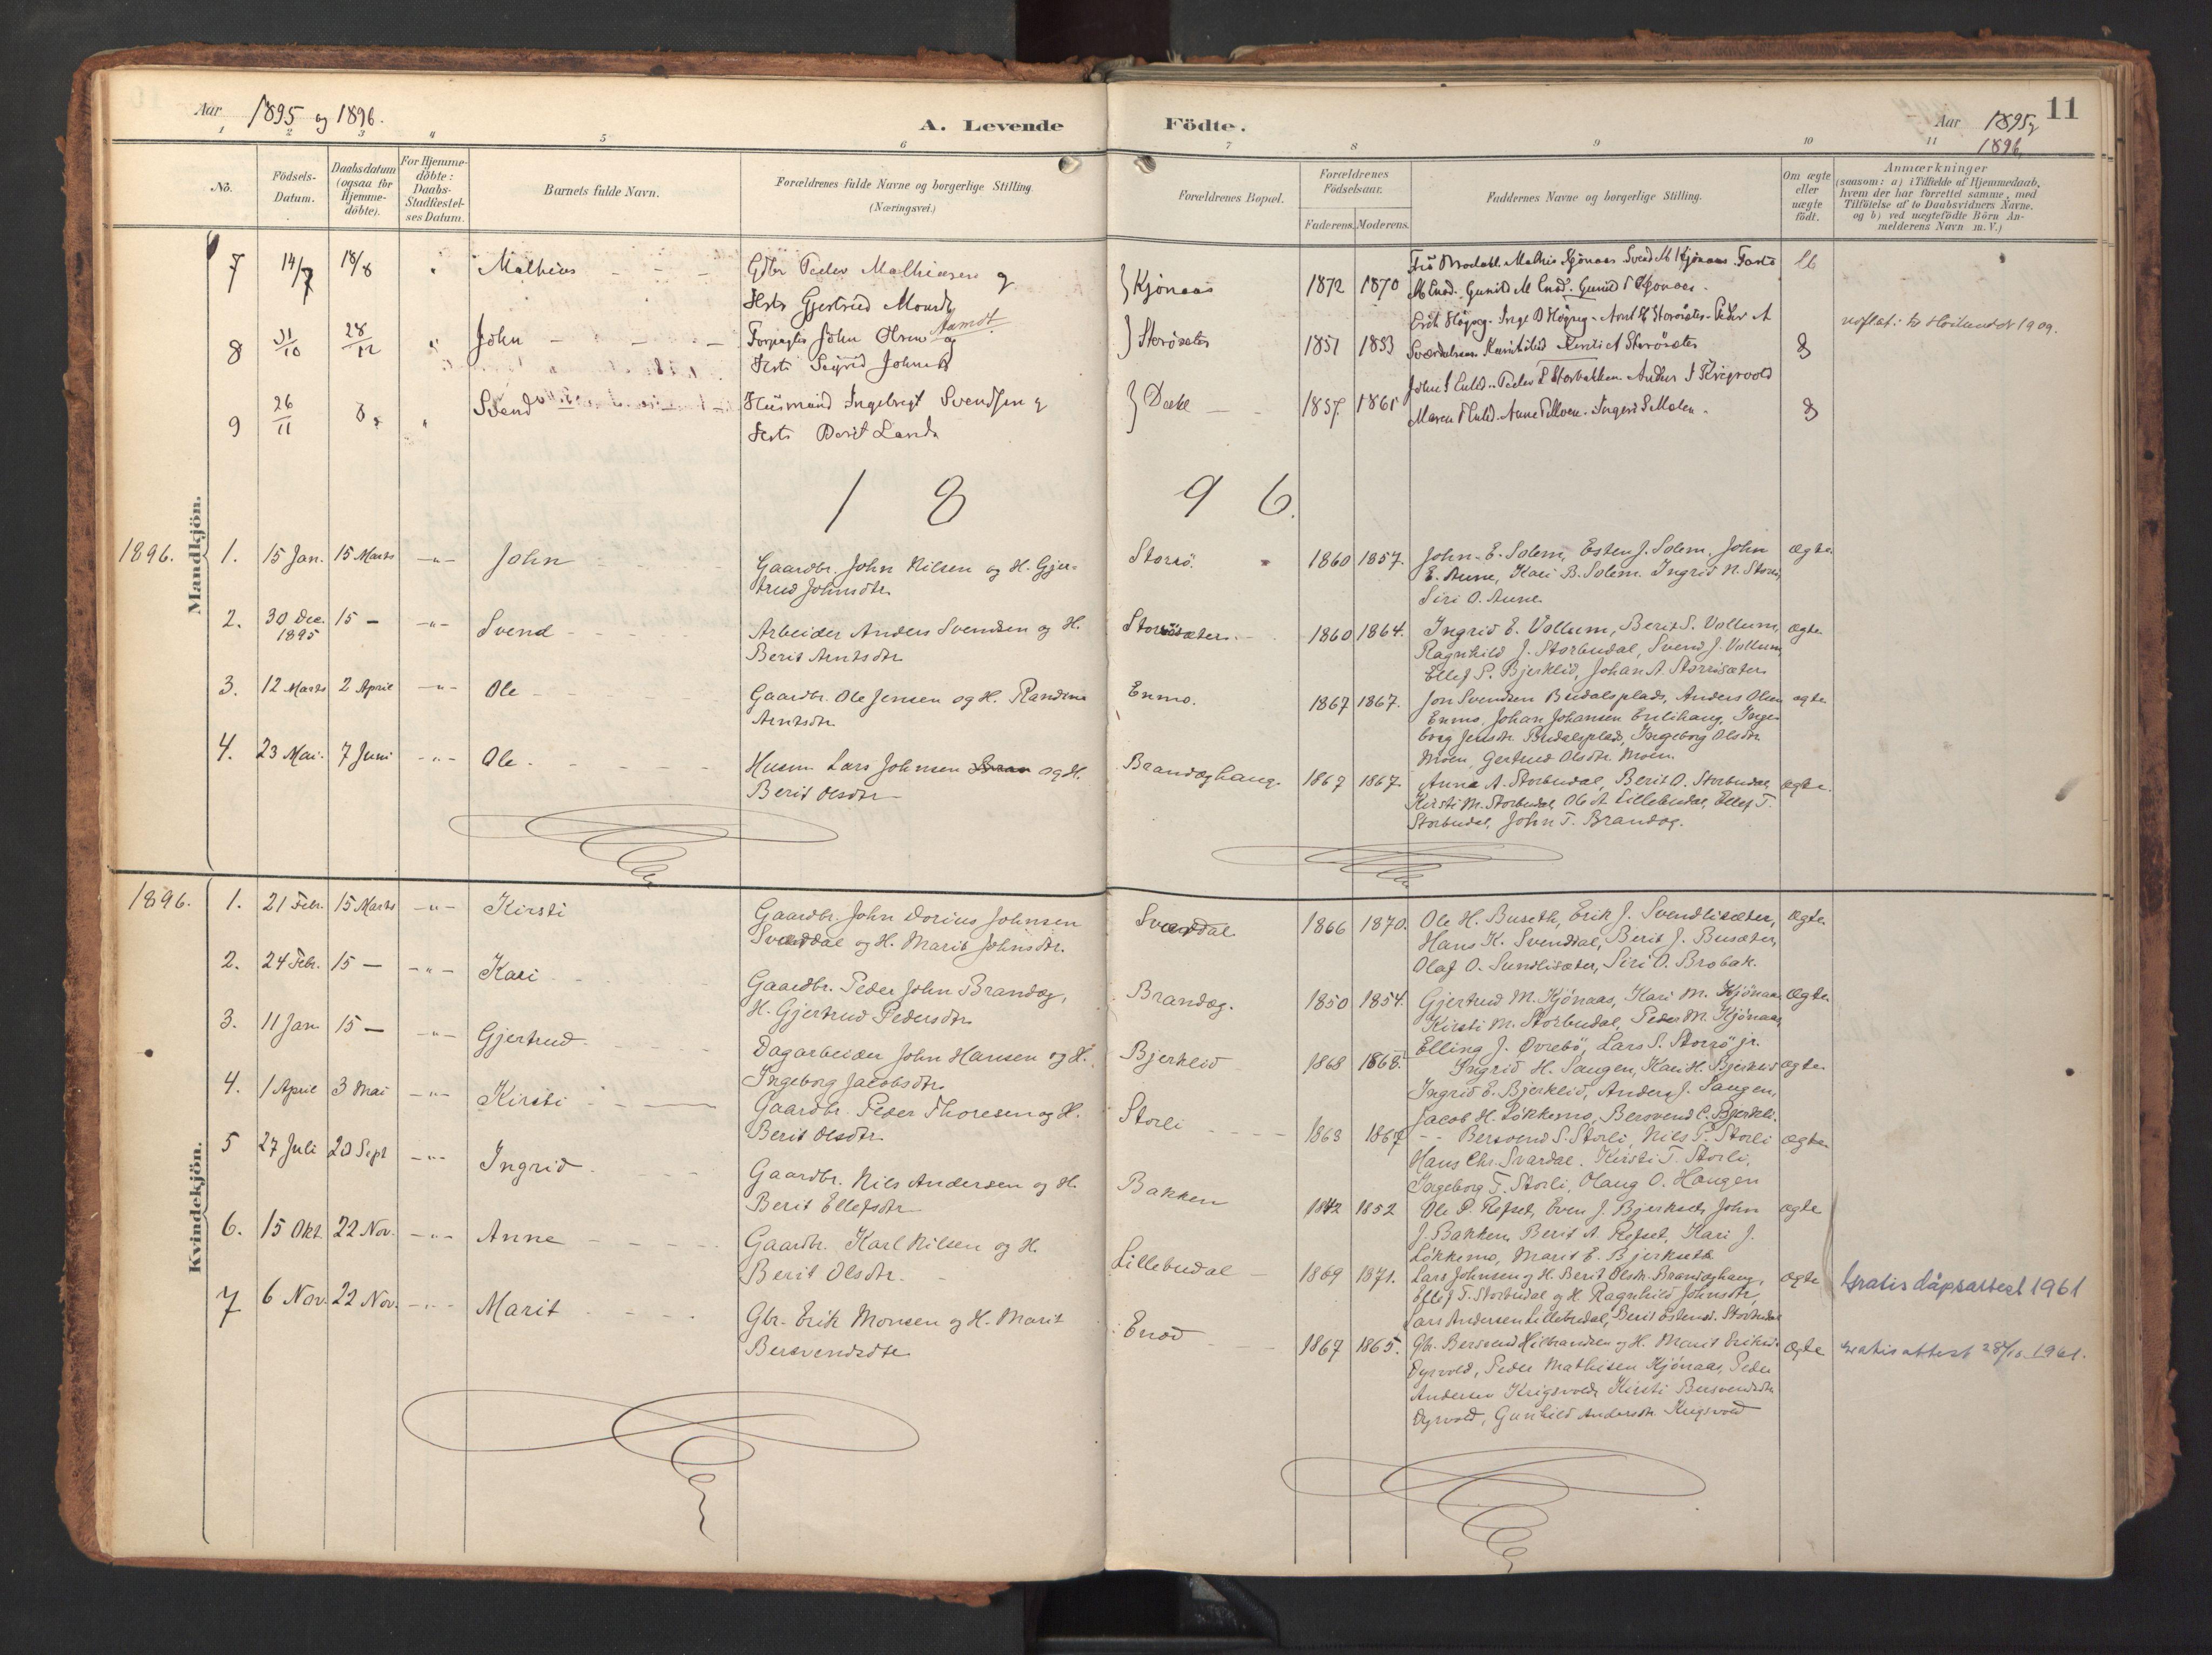 SAT, Ministerialprotokoller, klokkerbøker og fødselsregistre - Sør-Trøndelag, 690/L1050: Ministerialbok nr. 690A01, 1889-1929, s. 11